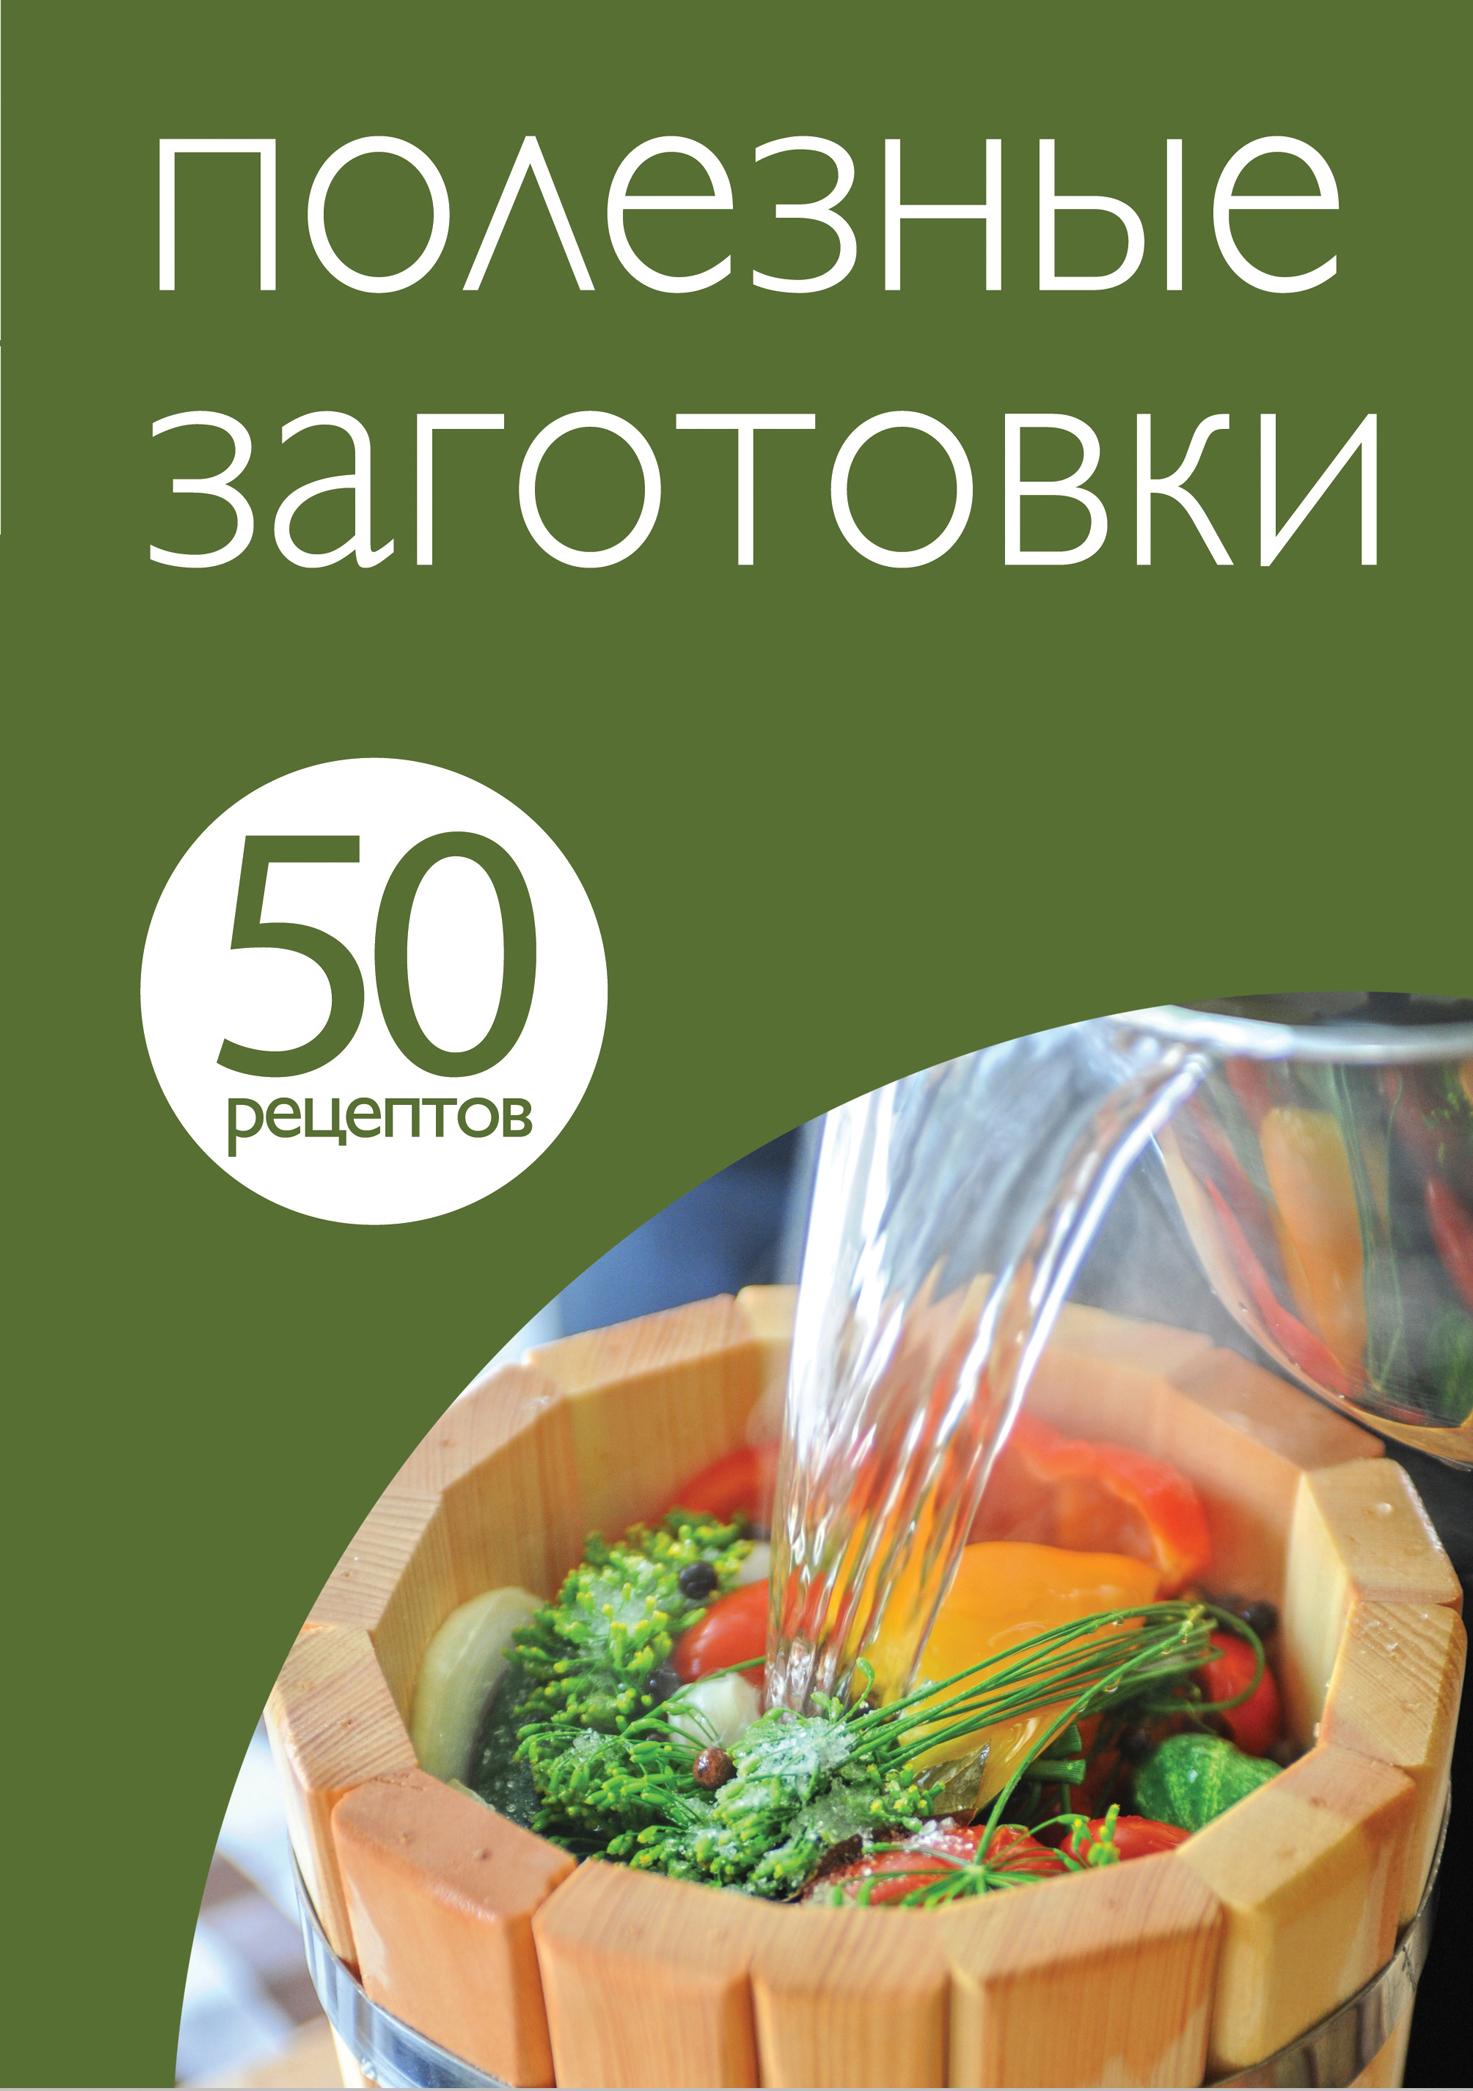 50 рецептов. Полезные заготовки низкокалорийные блюда